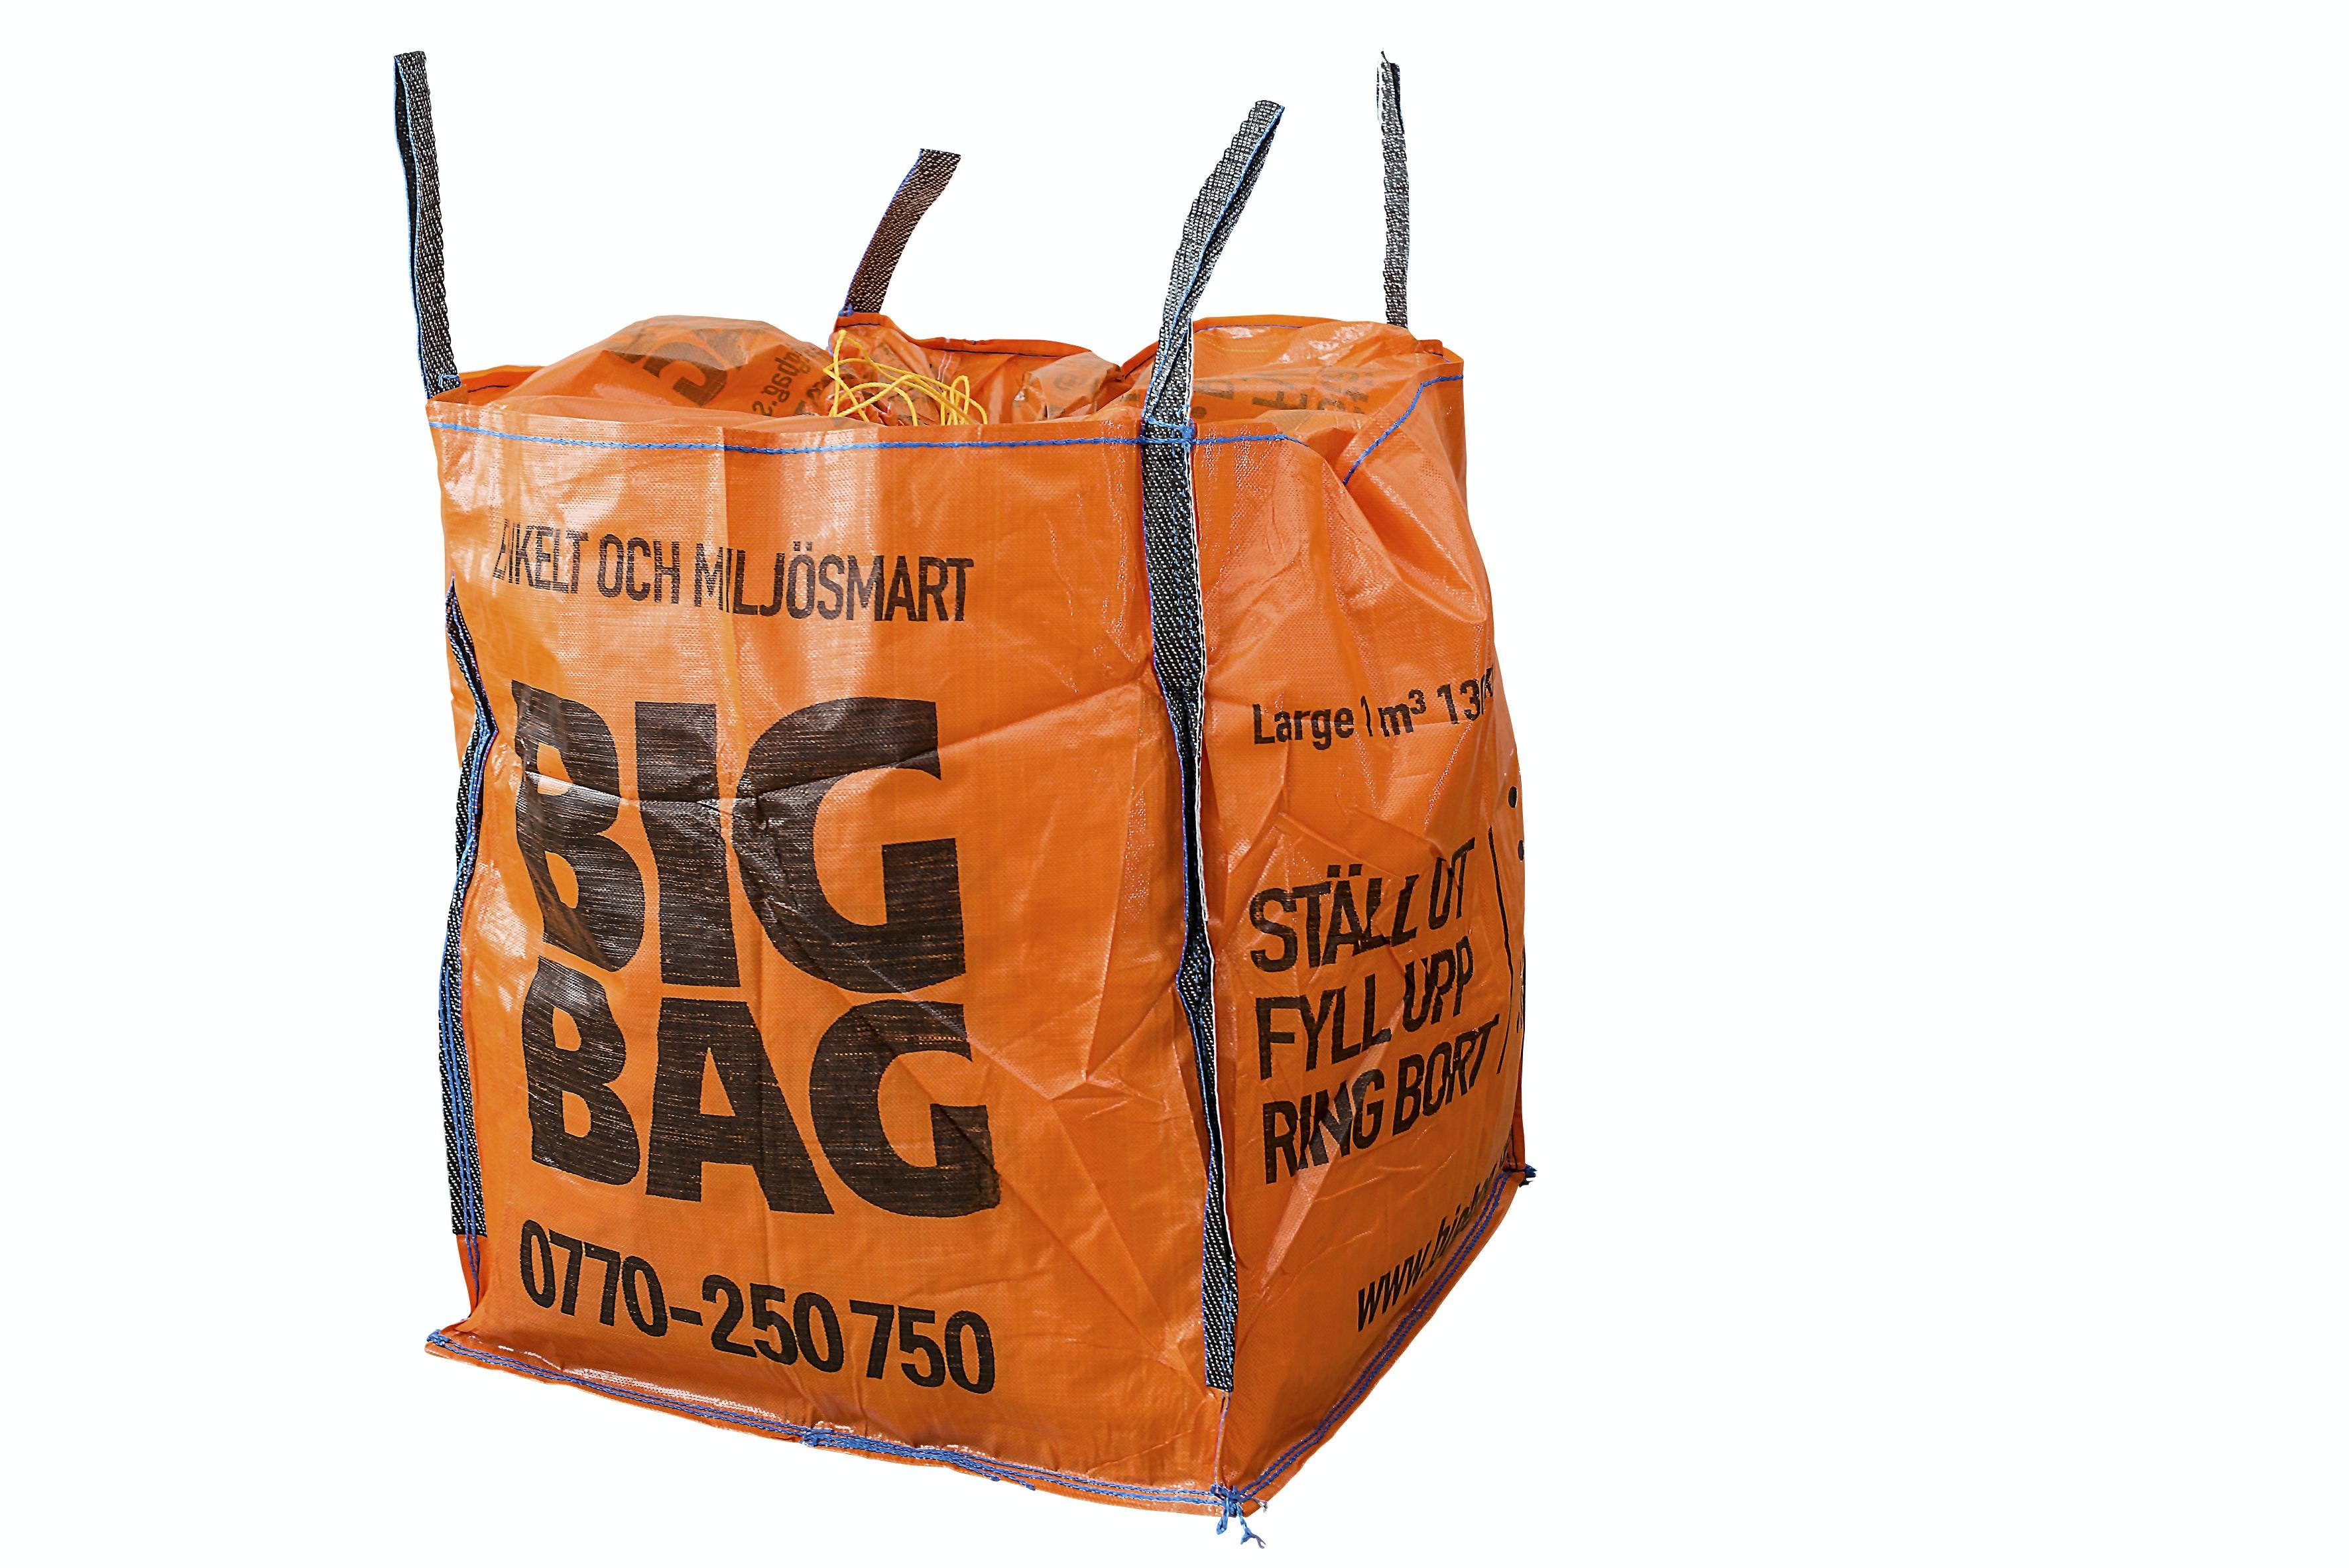 Big Bag Säck Large / 1000 liter